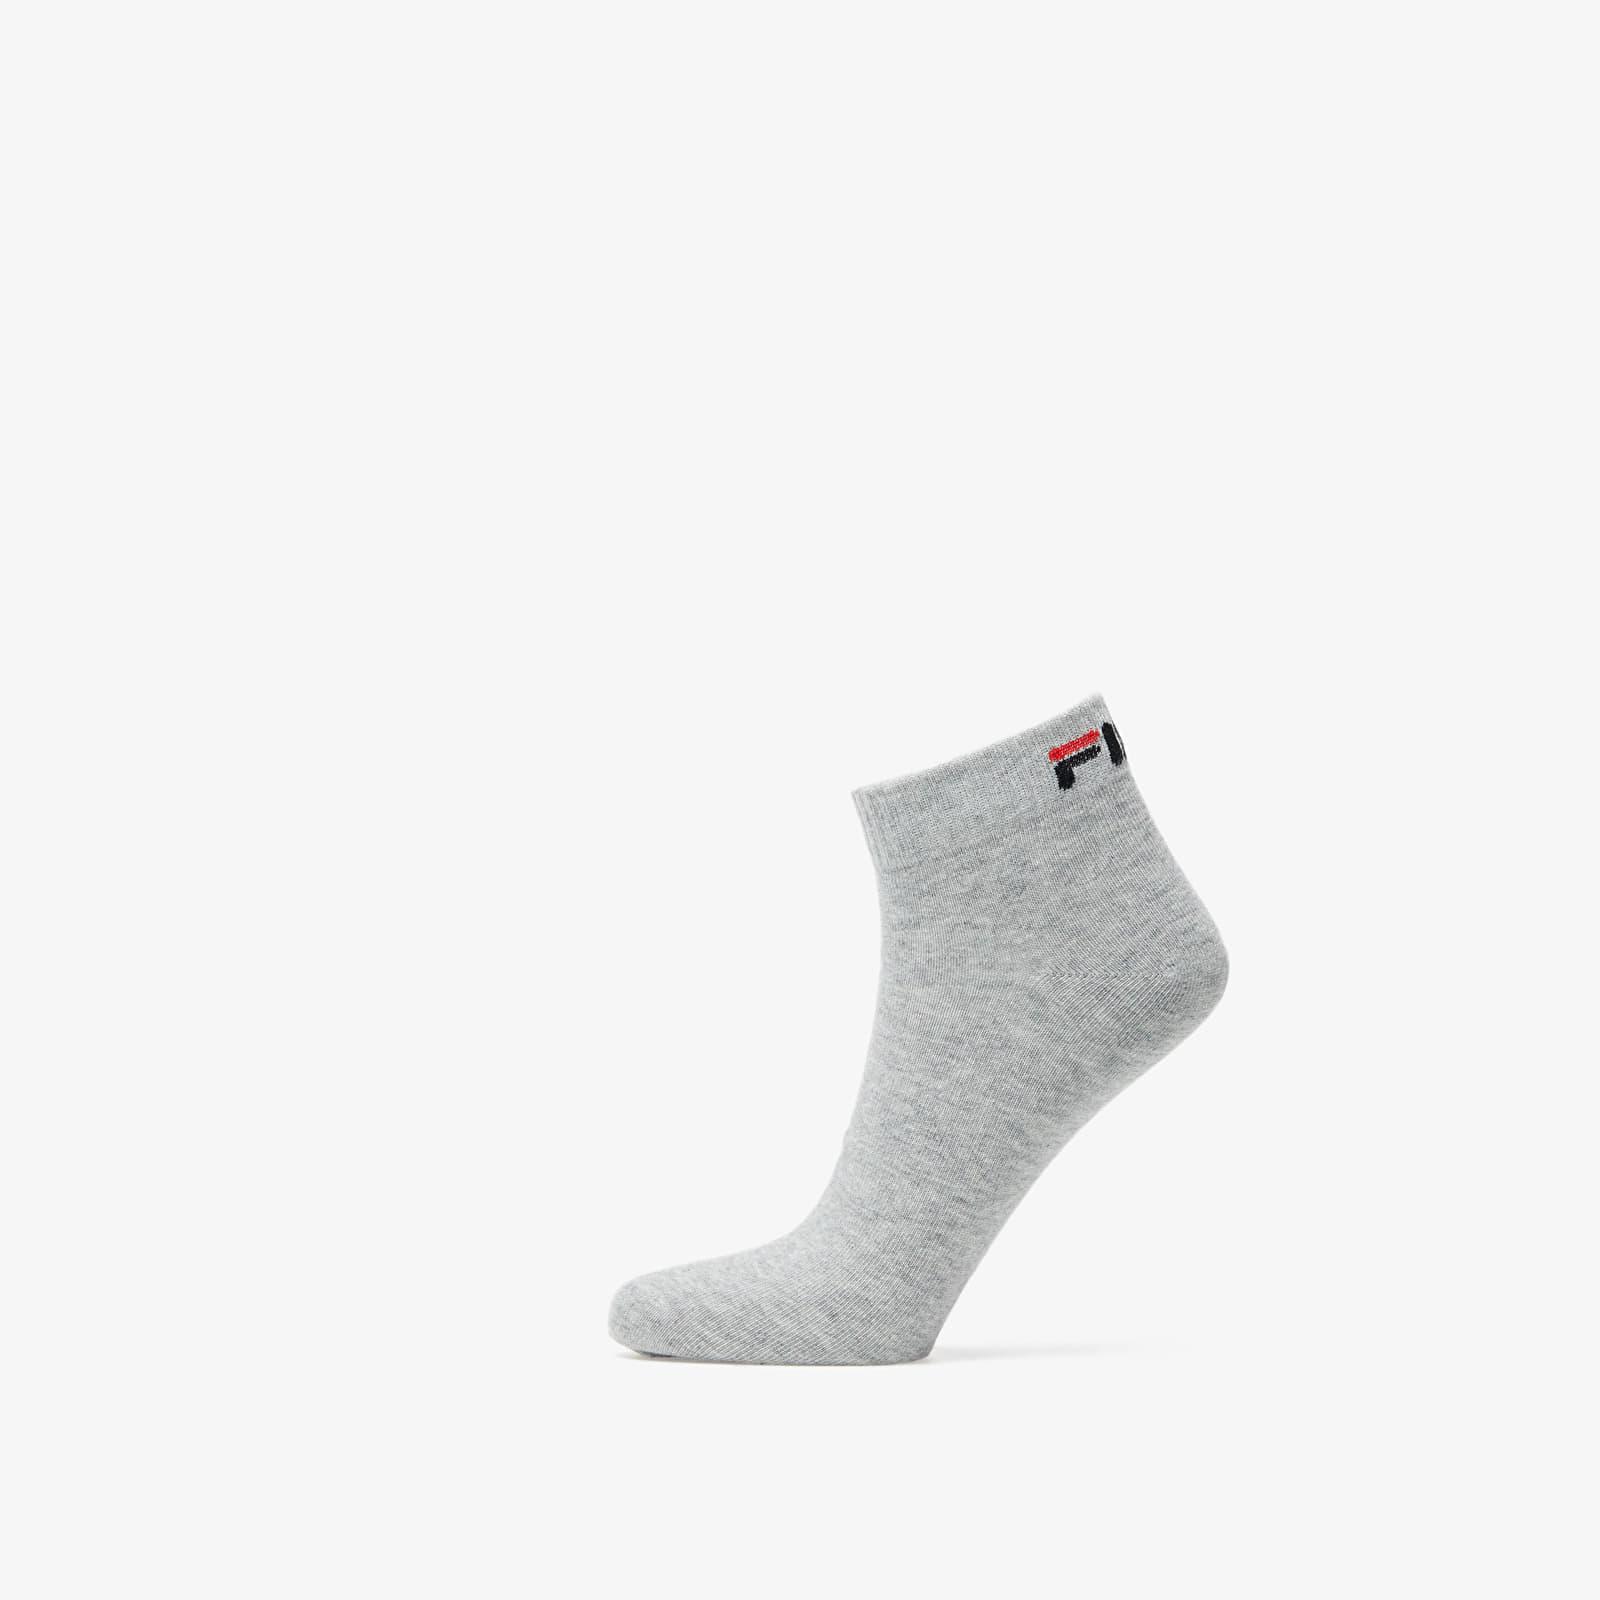 Zoknik FILA Calza Socks White/ Grey/ Black